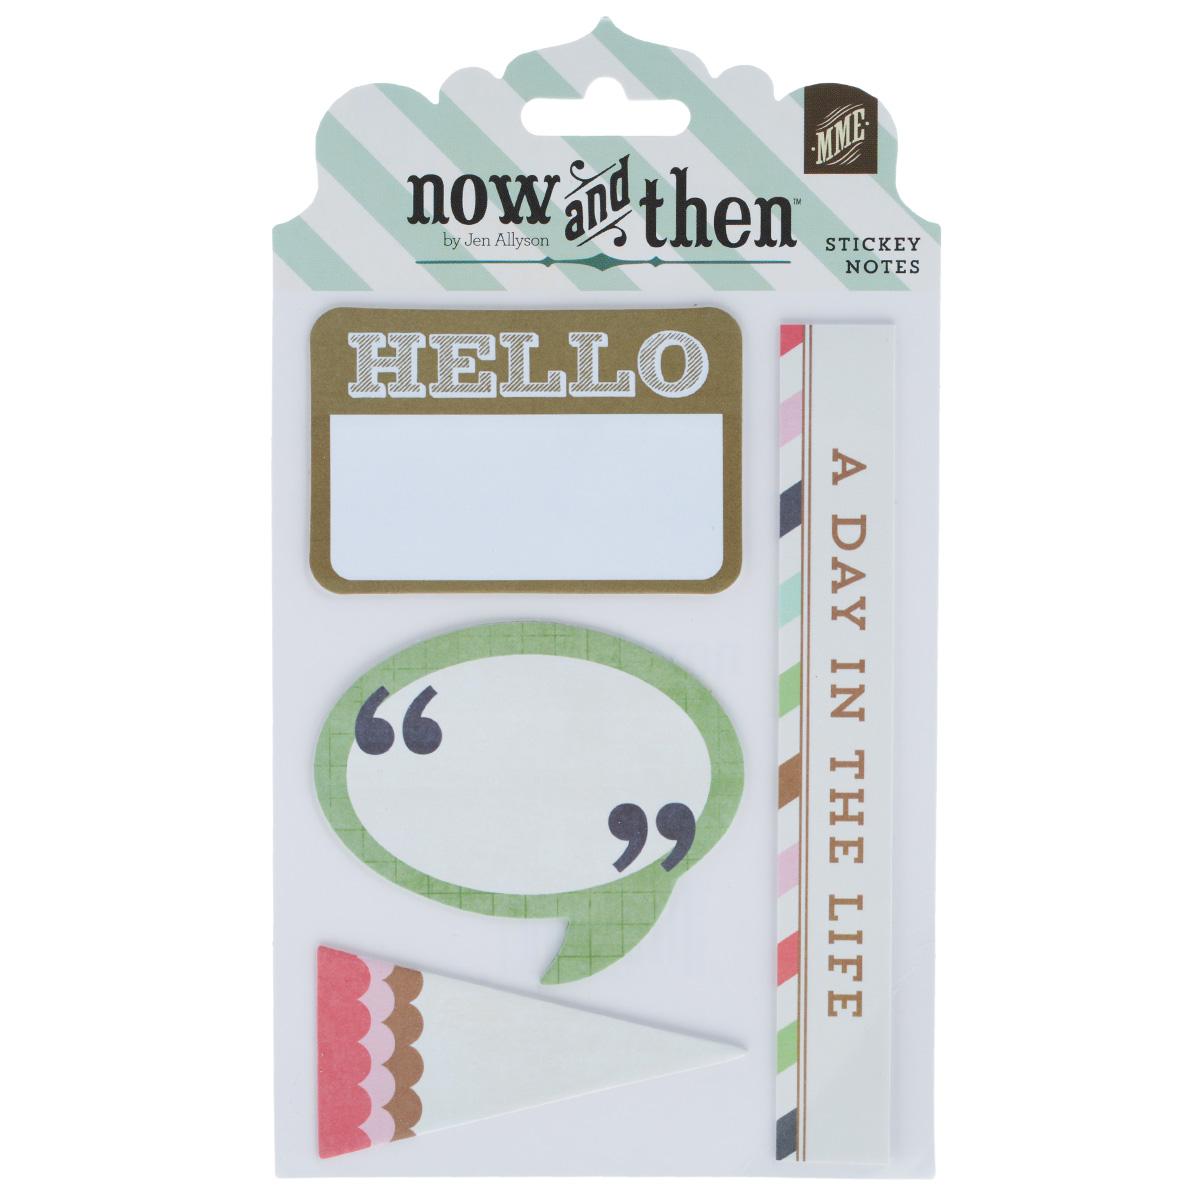 Стикеры-украшения My Minds Eye Hello Sticky Notes. NT1061NT1061Стикеры-украшения My Minds Eye Hello Sticky Notes, выполненные из бумаги, прекрасно подойдут для оформления творческих работ в технике скрапбукинг. Их можно использовать для украшения фотоальбомов, скрап-страничек, подарков, конвертов, фоторамок, открыток и многого другого. Один конец задней стороны клейкий. Скрапбукинг - это хобби, которое способно приносить массу приятных эмоций не только человеку, который этим занимается, но и его близким, друзьям, родным. Это невероятно увлекательное занятие, которое поможет вам сохранить наиболее памятные и яркие моменты вашей жизни, а также интересно оформить интерьер дома.Размер наибольшего стикера: 12,7 см х 1,7 см.Размер наименьшего стикера: 6,5 см х 3,2 см.